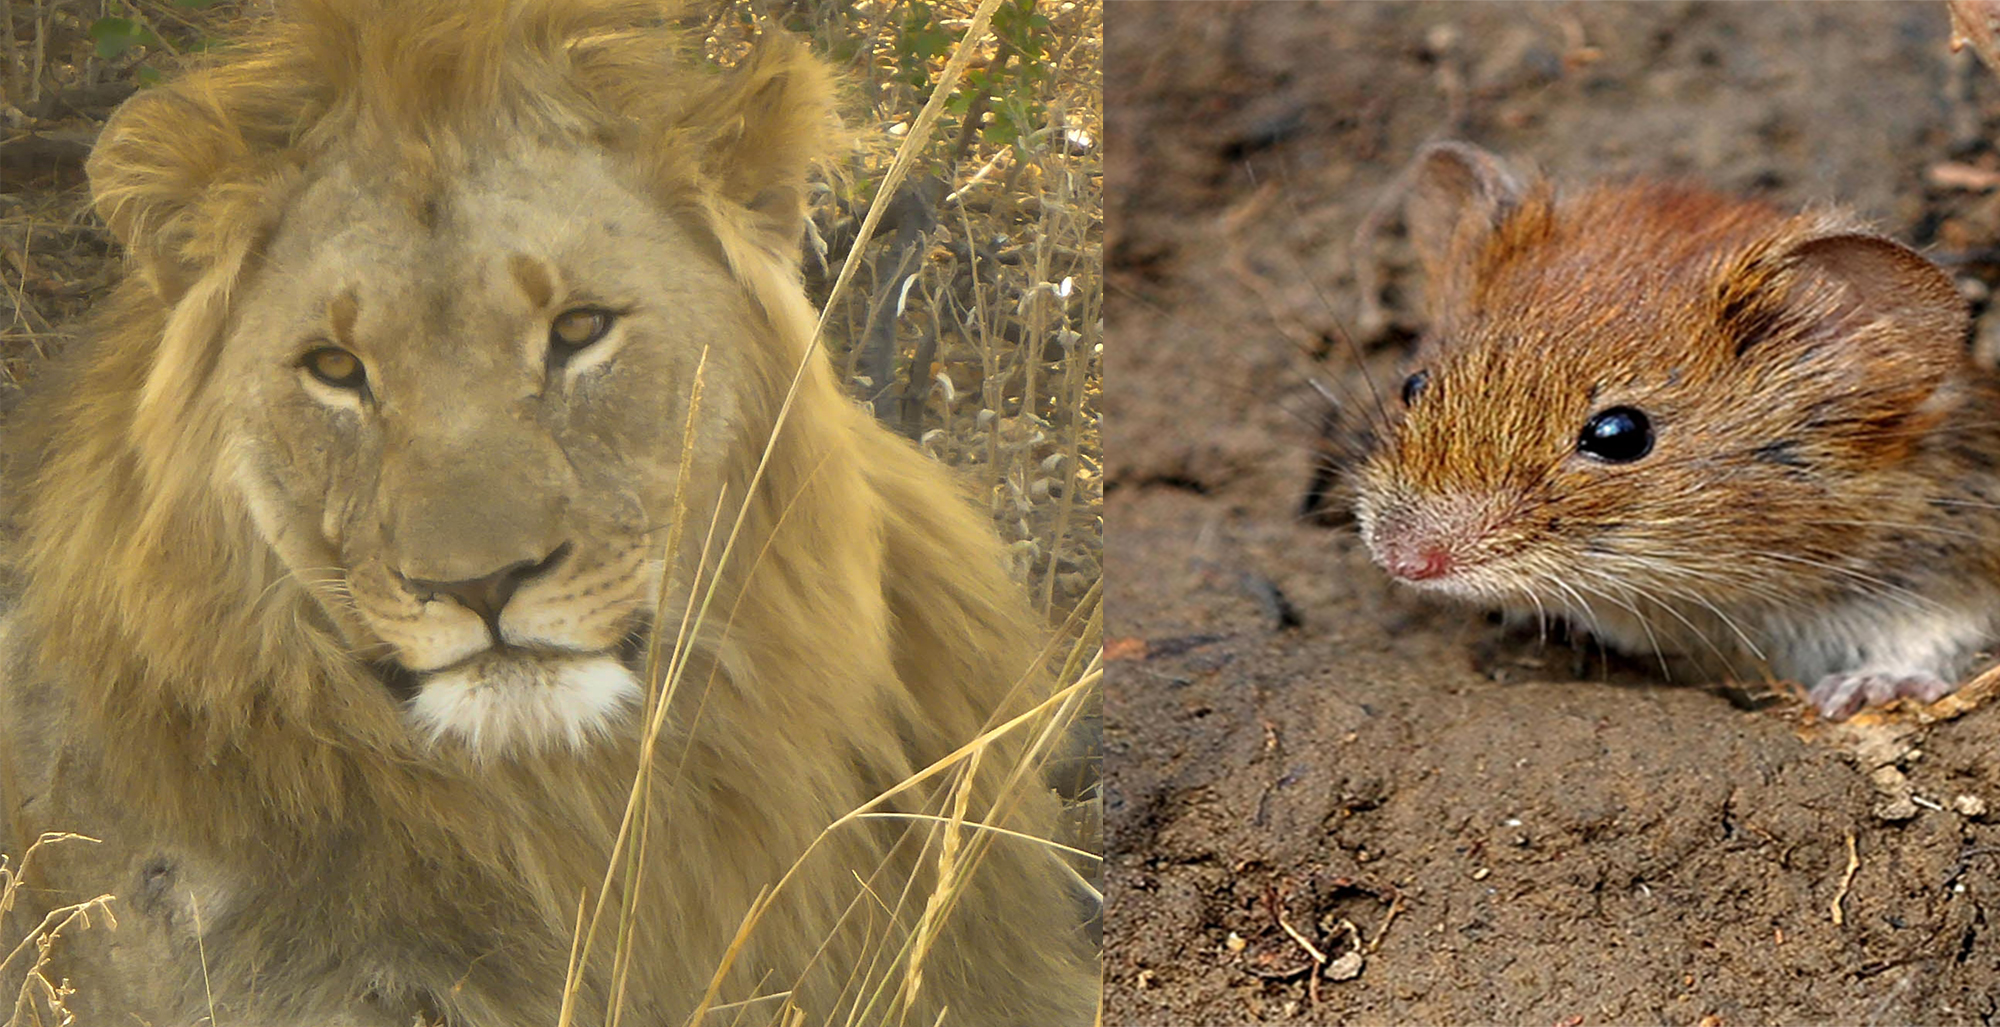 Bist du ein Löwe oder eine Maus? - Selbstbewusst werden